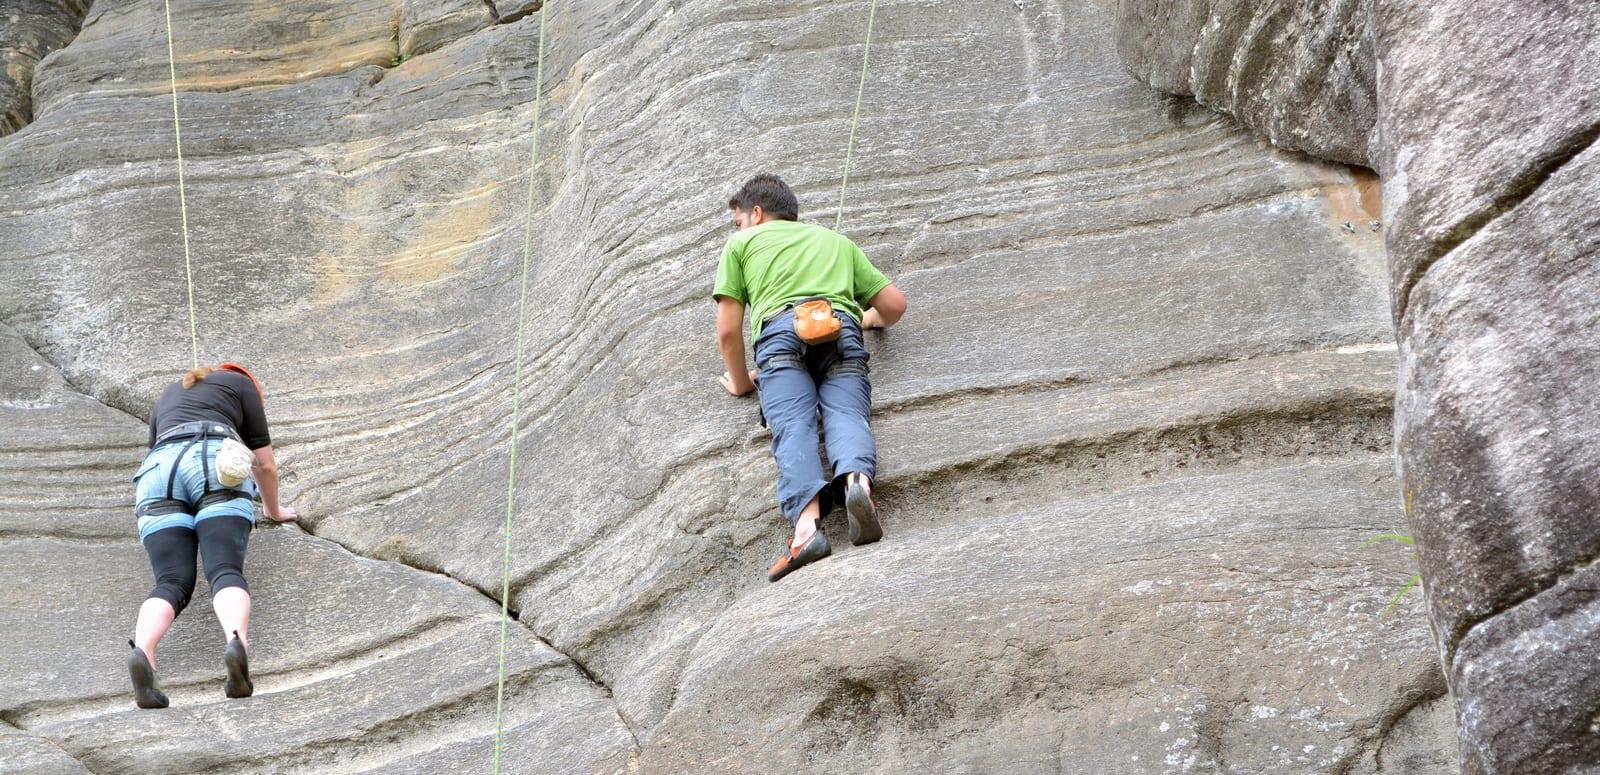 Rock Climbing At Vashisht